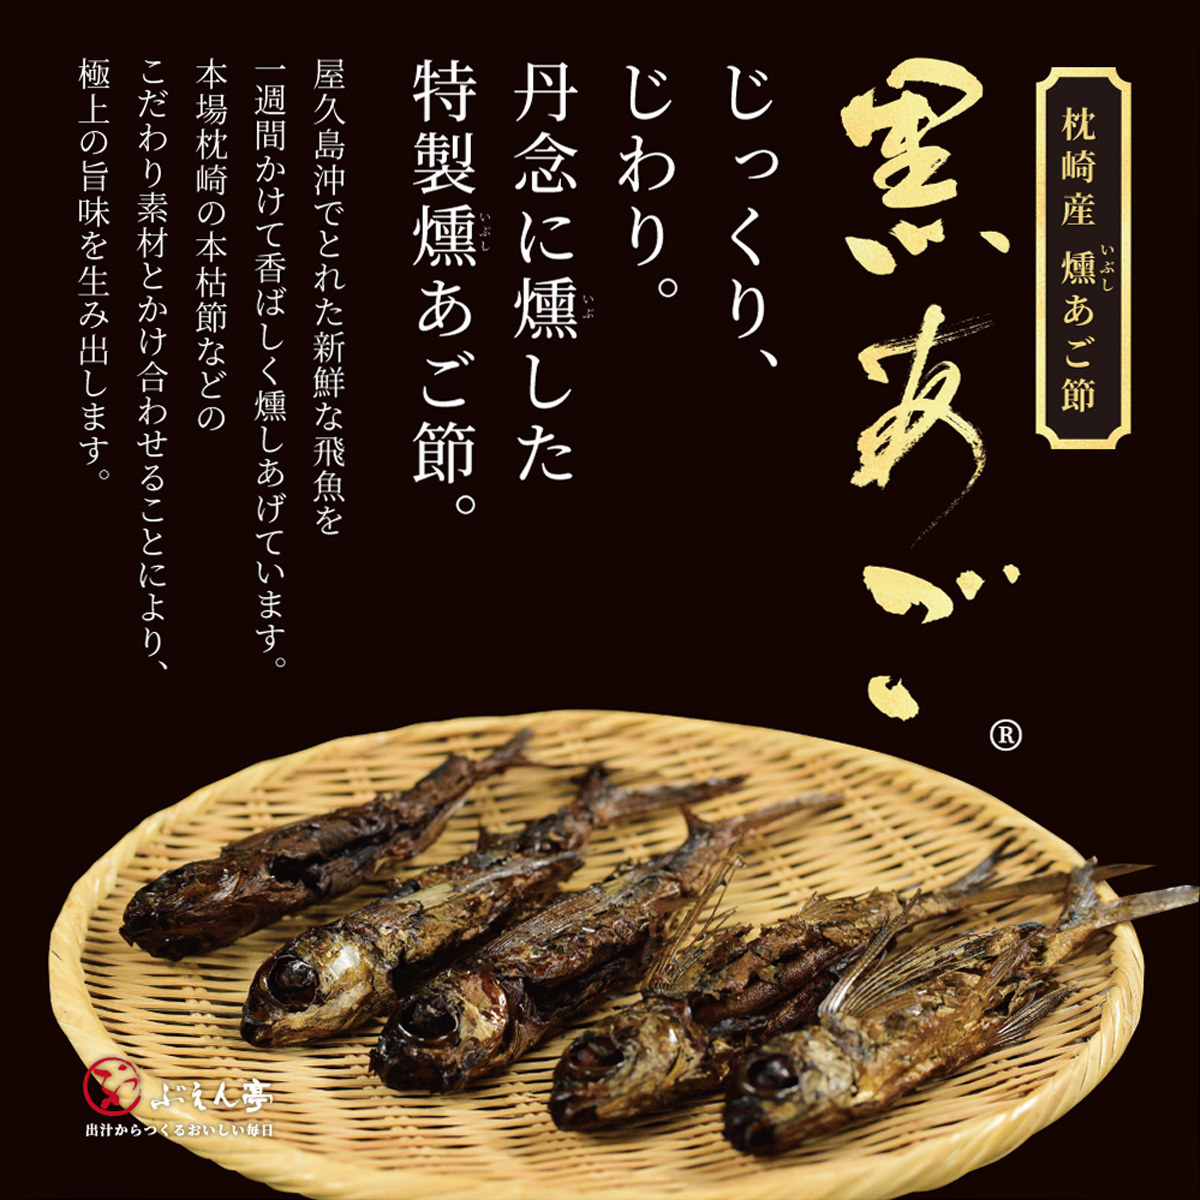 ぶえん亭 無添加だしパック 希少な屋久島の黒あご使用 薩摩のだし 大容量セット60袋入〔8g×60袋〕